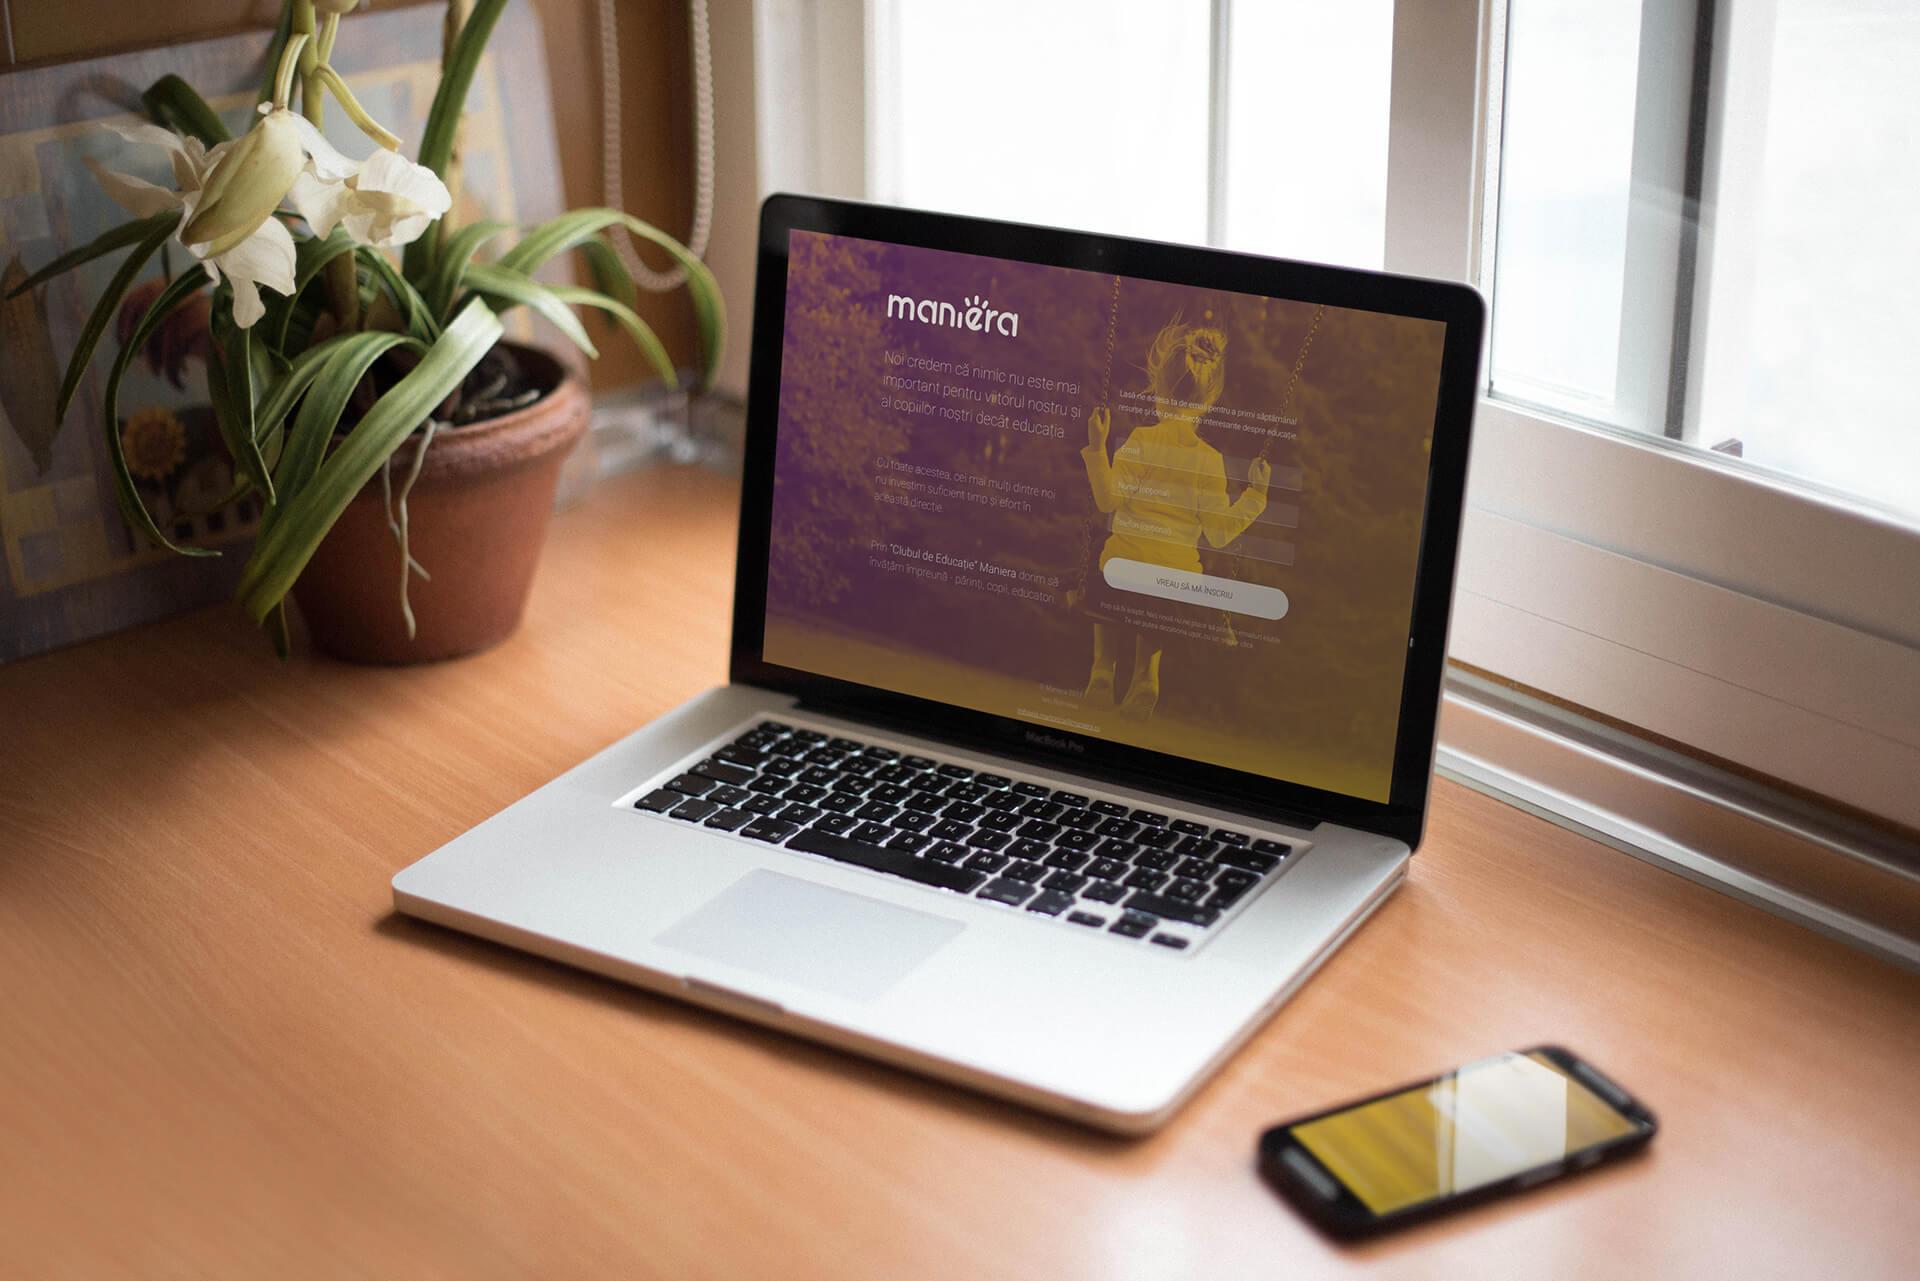 maniera-website-mockup